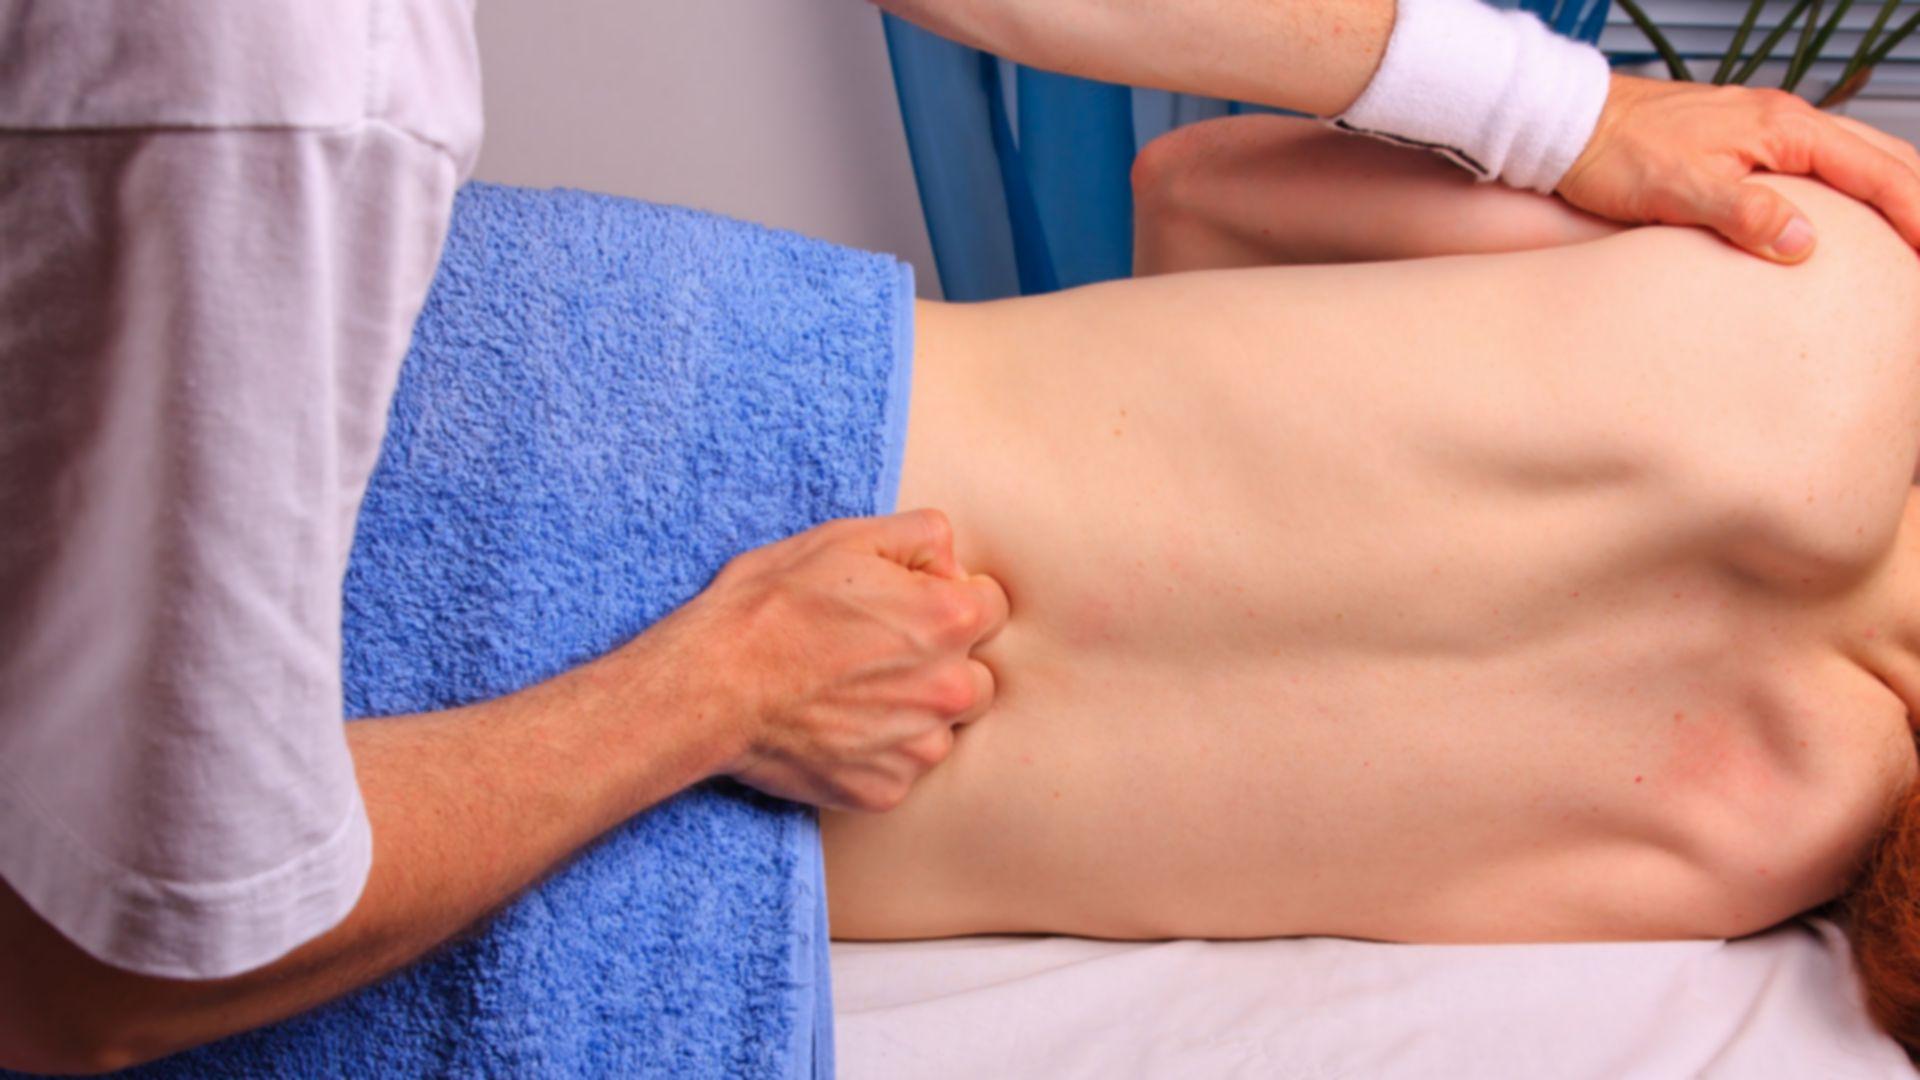 Manipulaciones vertebrales en el raquis y pelvis - Bilbao